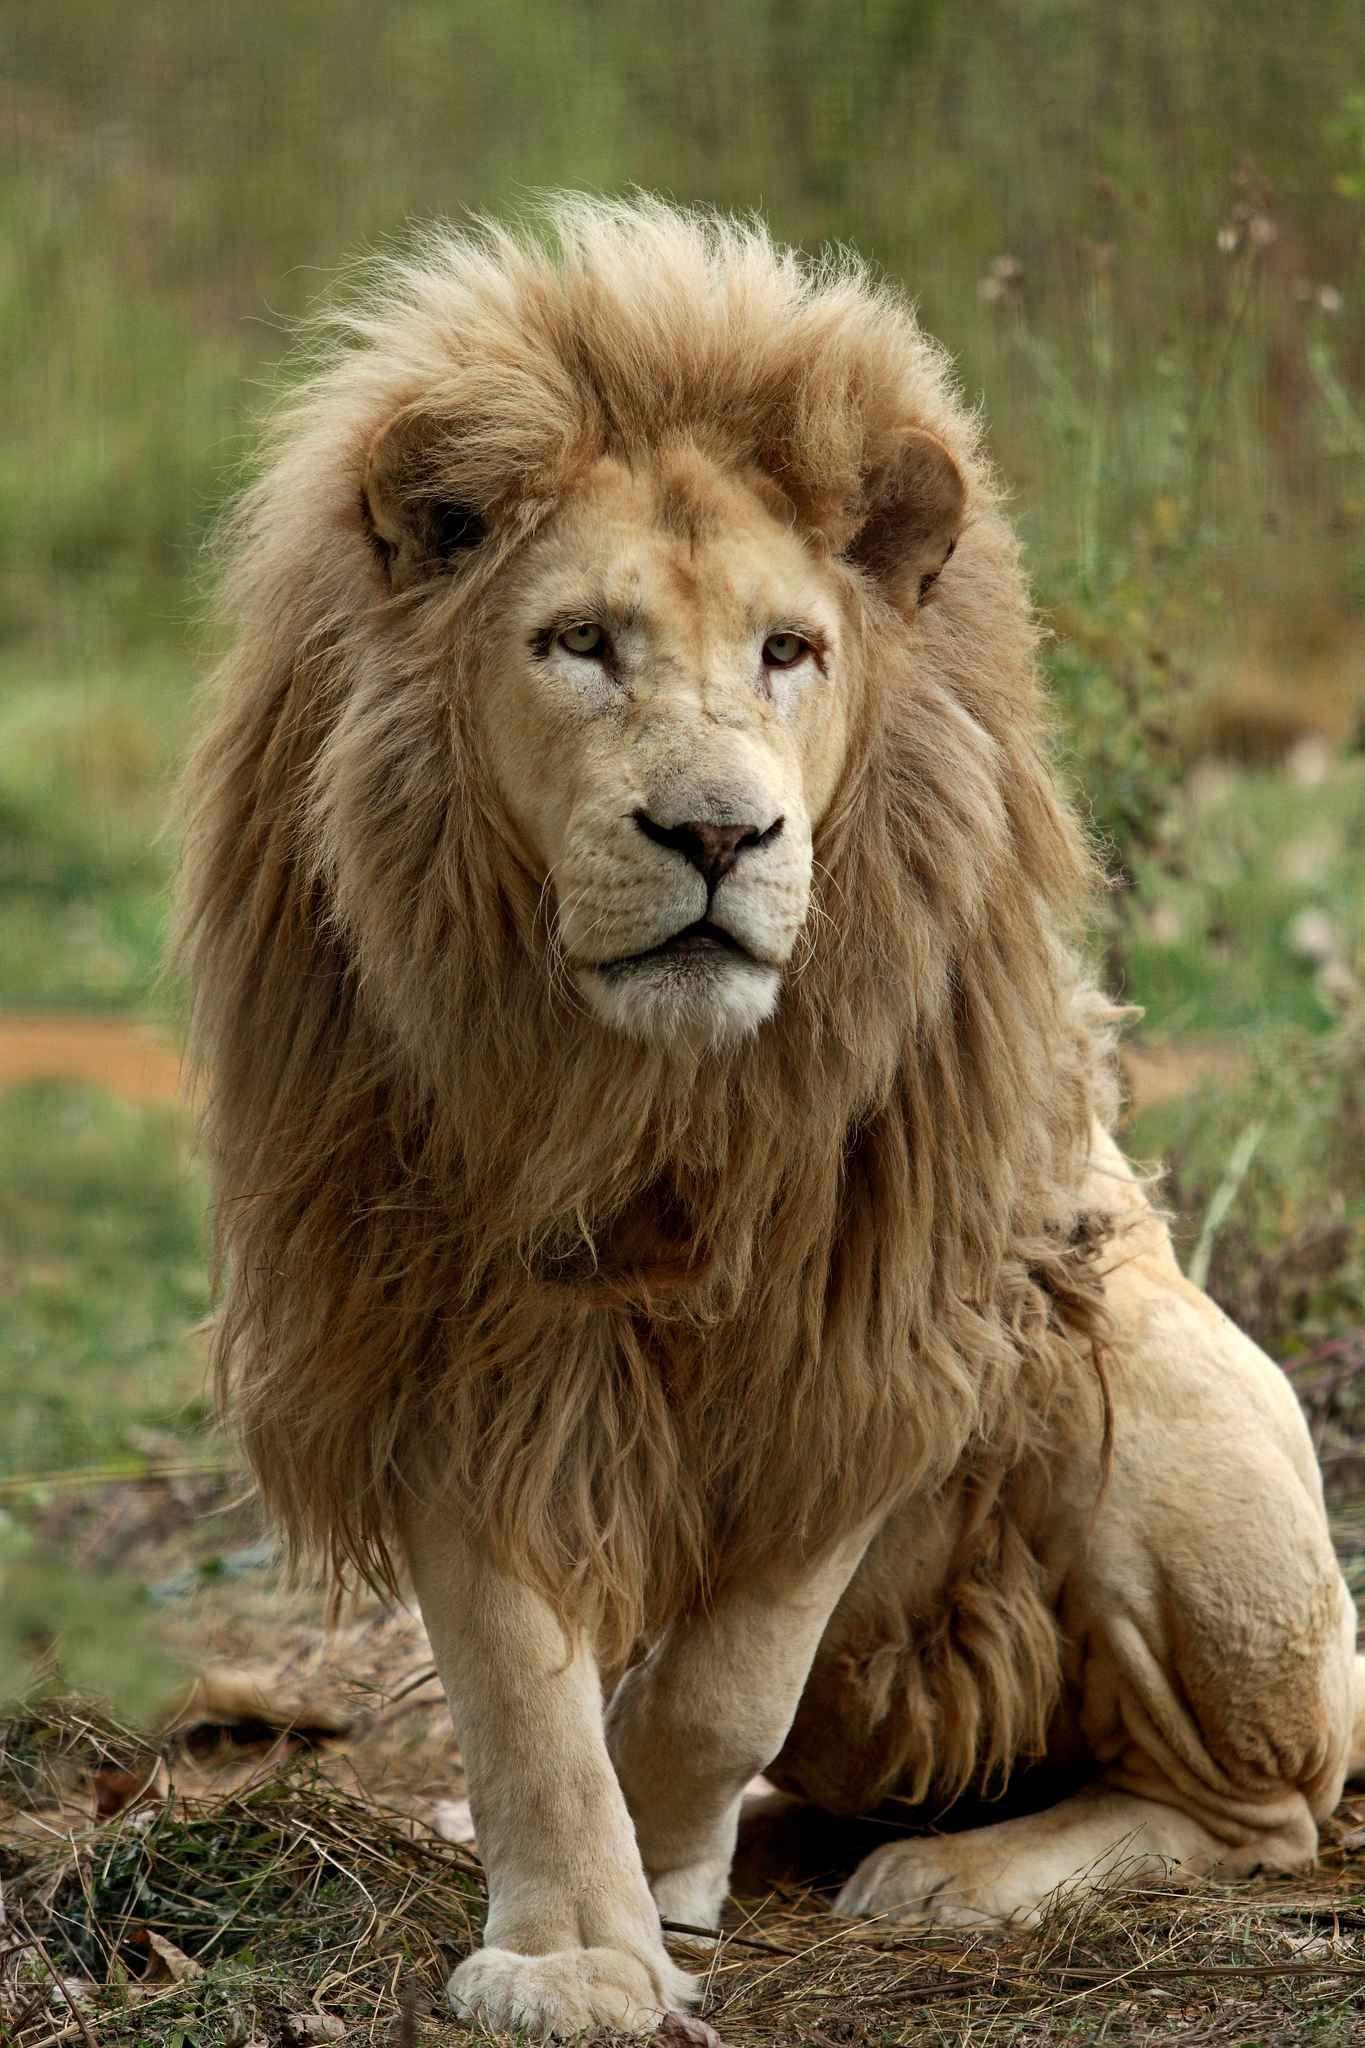 Les Lions Blancs Du Parc Kruger En Afrique Du Sud Sont Atteints De La Meme Mutation Appelee Leucisme Mais A Animals Wild Majestic Animals Animals Beautiful